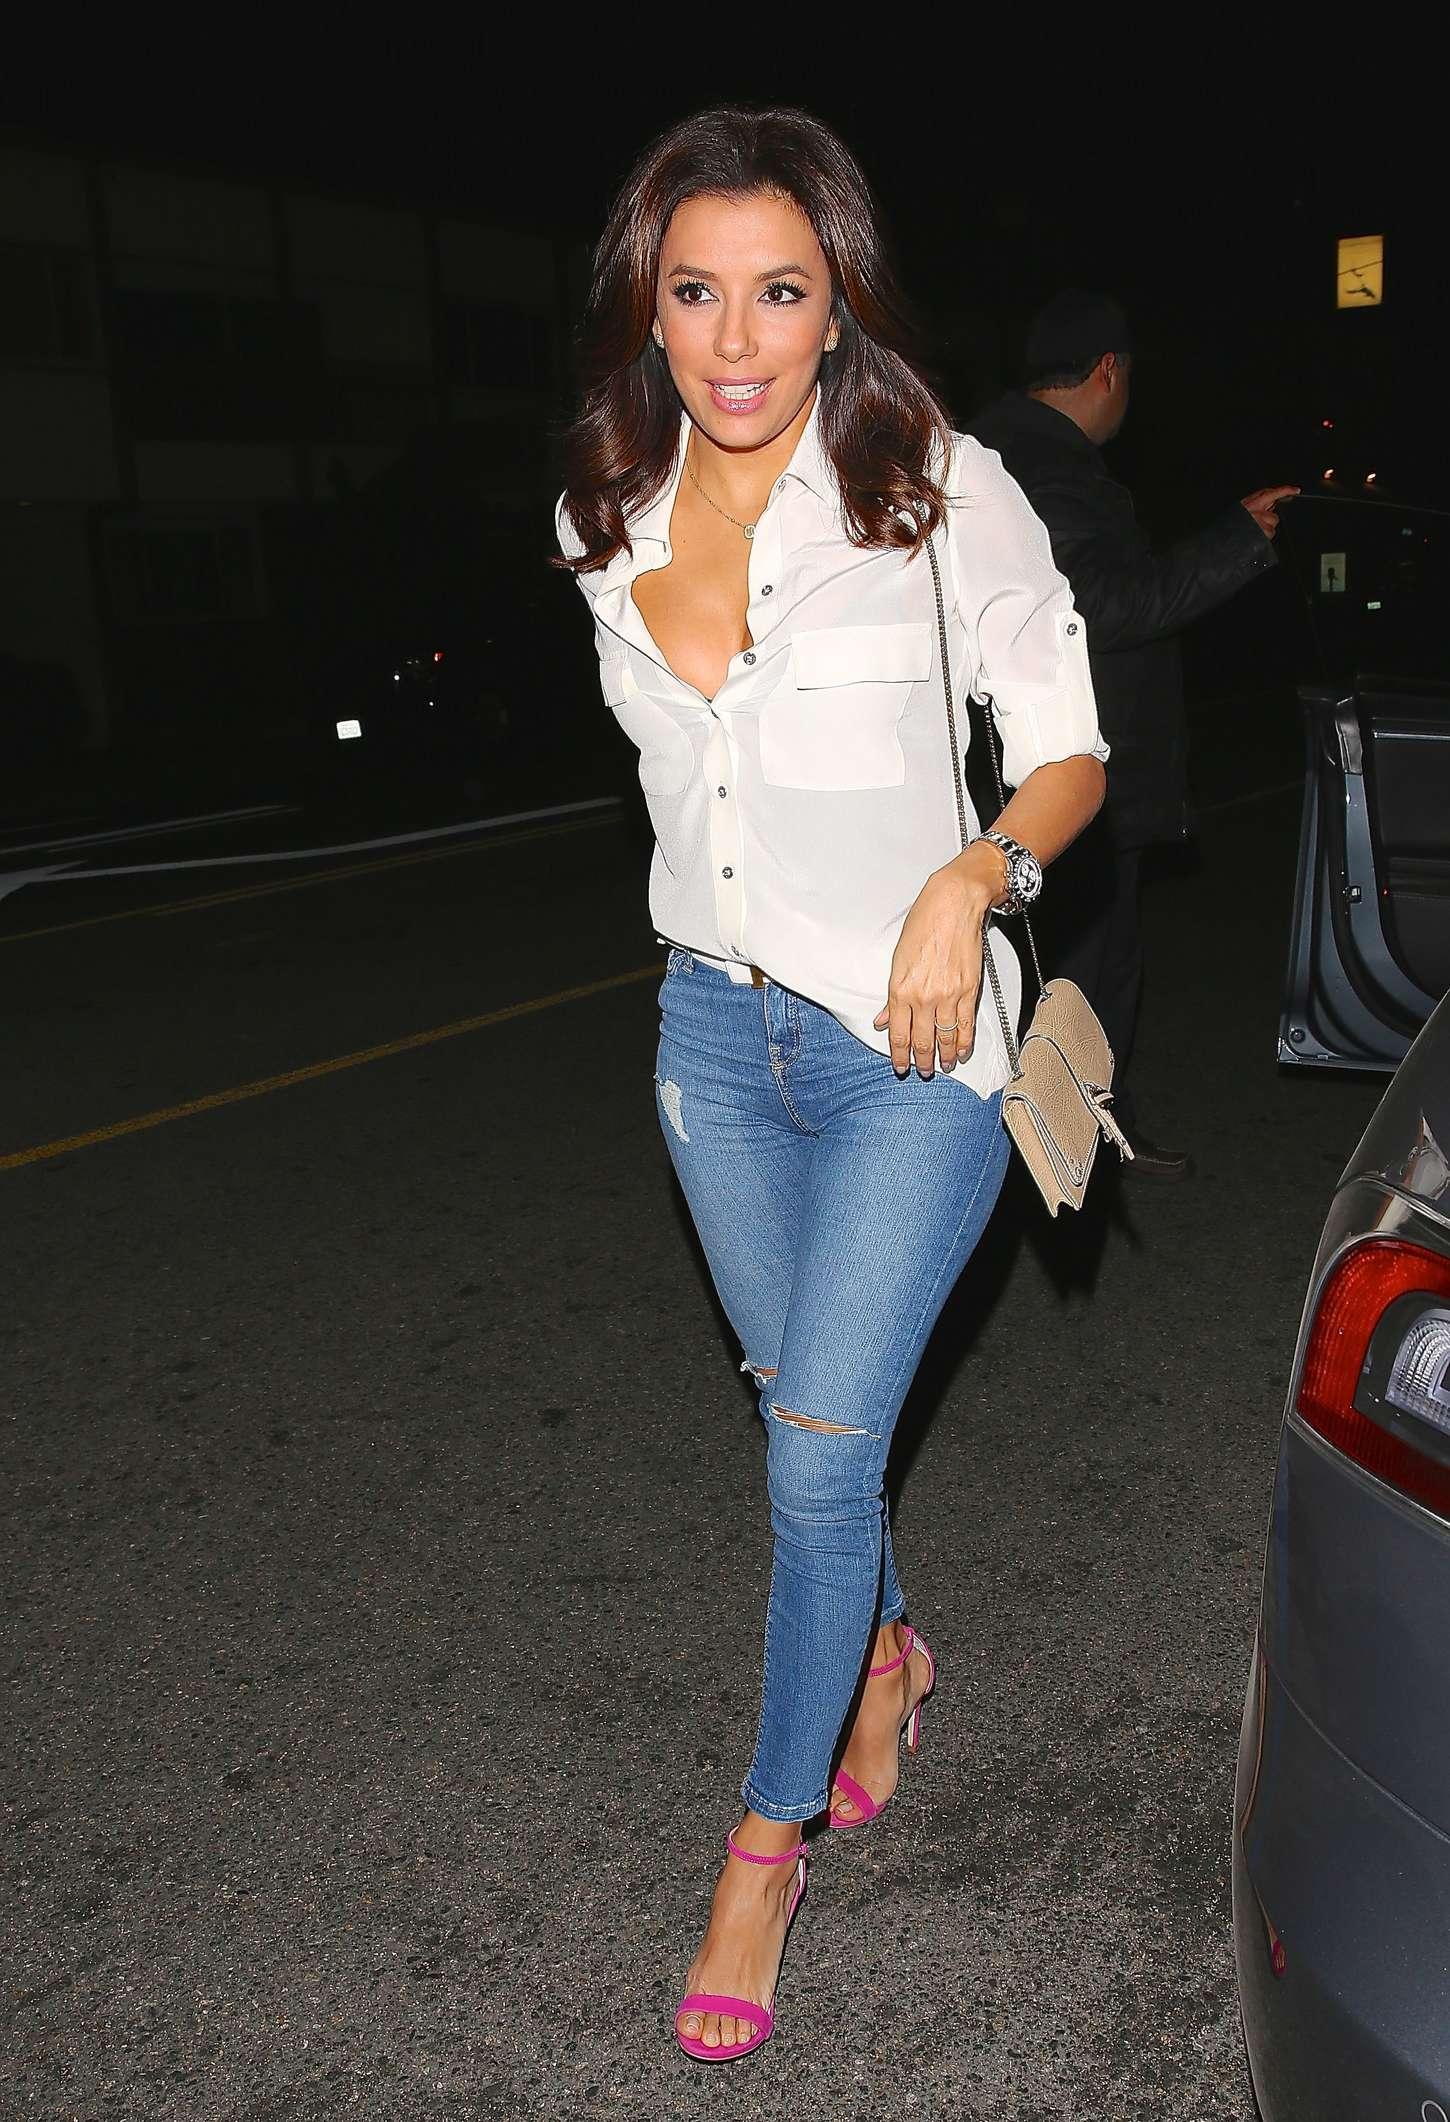 Eva Longoria in Tight Jeans at Giorgio Baldi in LA